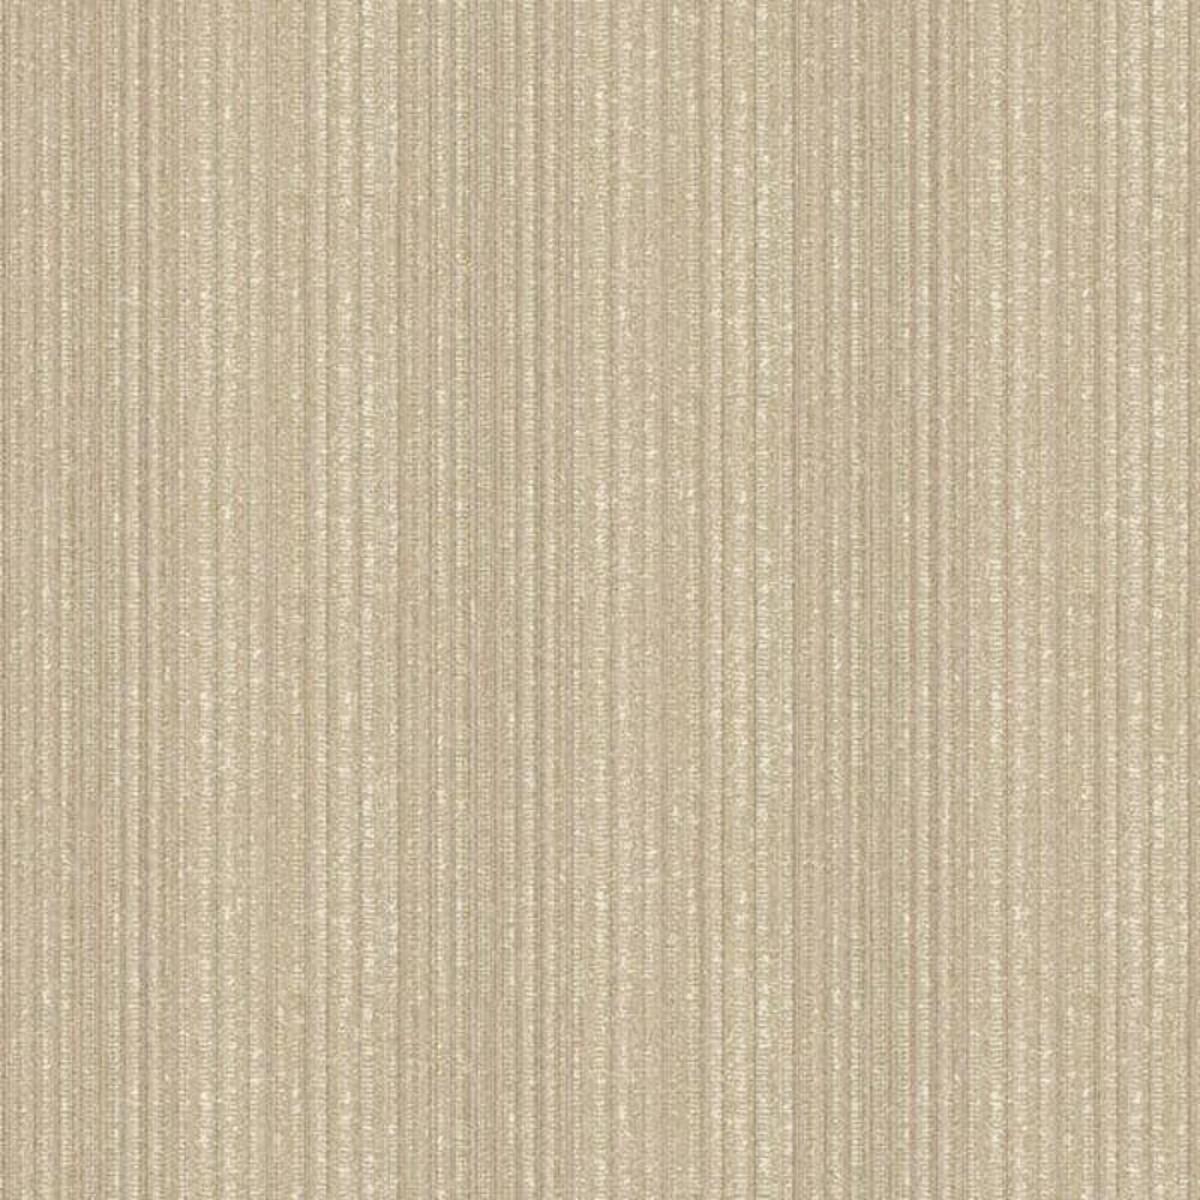 Обои акриловые York Sapphire Oasis коричневые 0.53 м JR5701